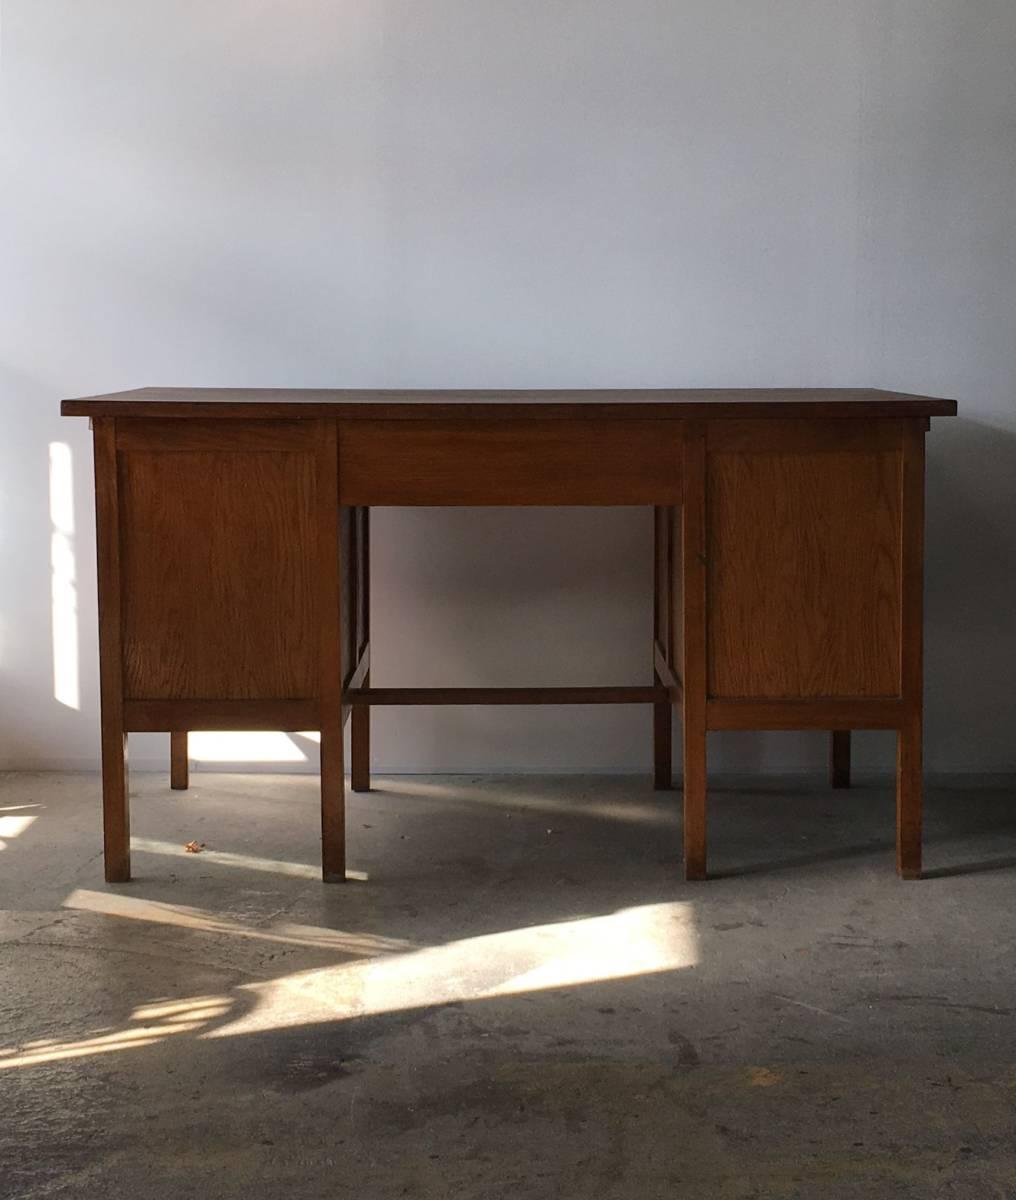 イギリス アンティーク 1940s MID CENTURY DESK オーク デスク 机 テーブル イス ビンテージ_画像10